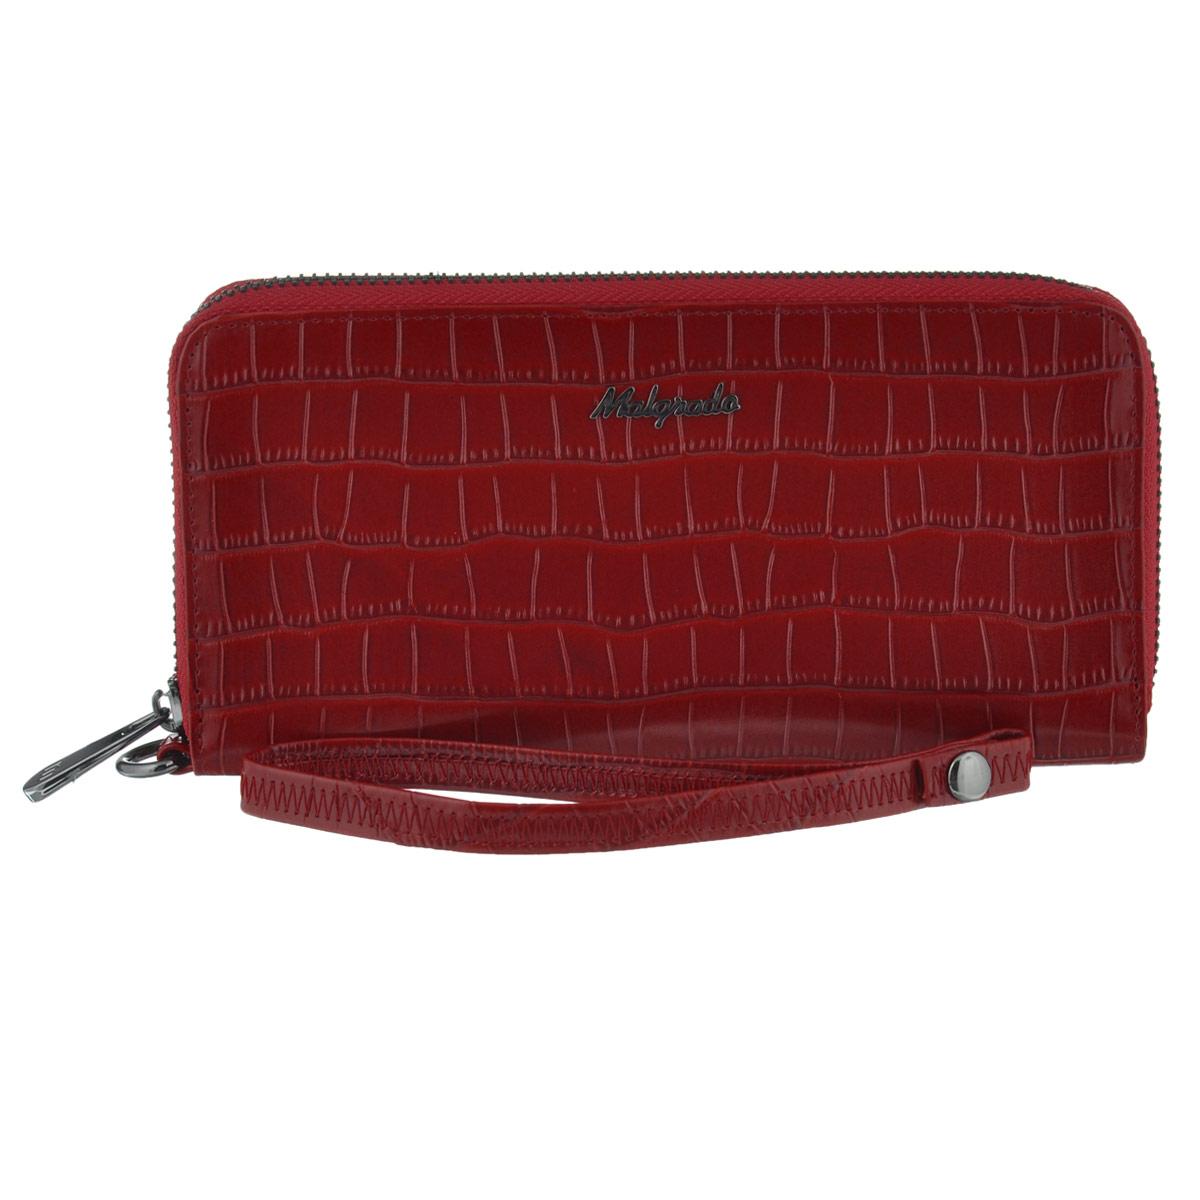 Кошелек женский Malgrado, цвет: красный. 73005-4370273005-43702# RedСтильный кошелек-клатч Malgrado выполнен из натуральной высококачественной кожи с тиснением под рептилию. Лицевая сторона оформлена гравировкой в виде названия бренда. Изделие закрывается по периметру на металлическую застежку-молнию. Внутри расположены три отделения для купюр, карман для мелочи на застежке-молнии, два потайных кармана и восемь прорезных кармашков для пластиковых карт и визиток. В комплект входит кожаный ремешок для удобной переноски. Высота ремешка 16,5 см. Изделие упаковано в подарочную металлическую коробку синего цвета с логотипом фирмы. Стильный кошелек-клатч не оставит равнодушной ни одну представительницу прекрасной половины человечества.